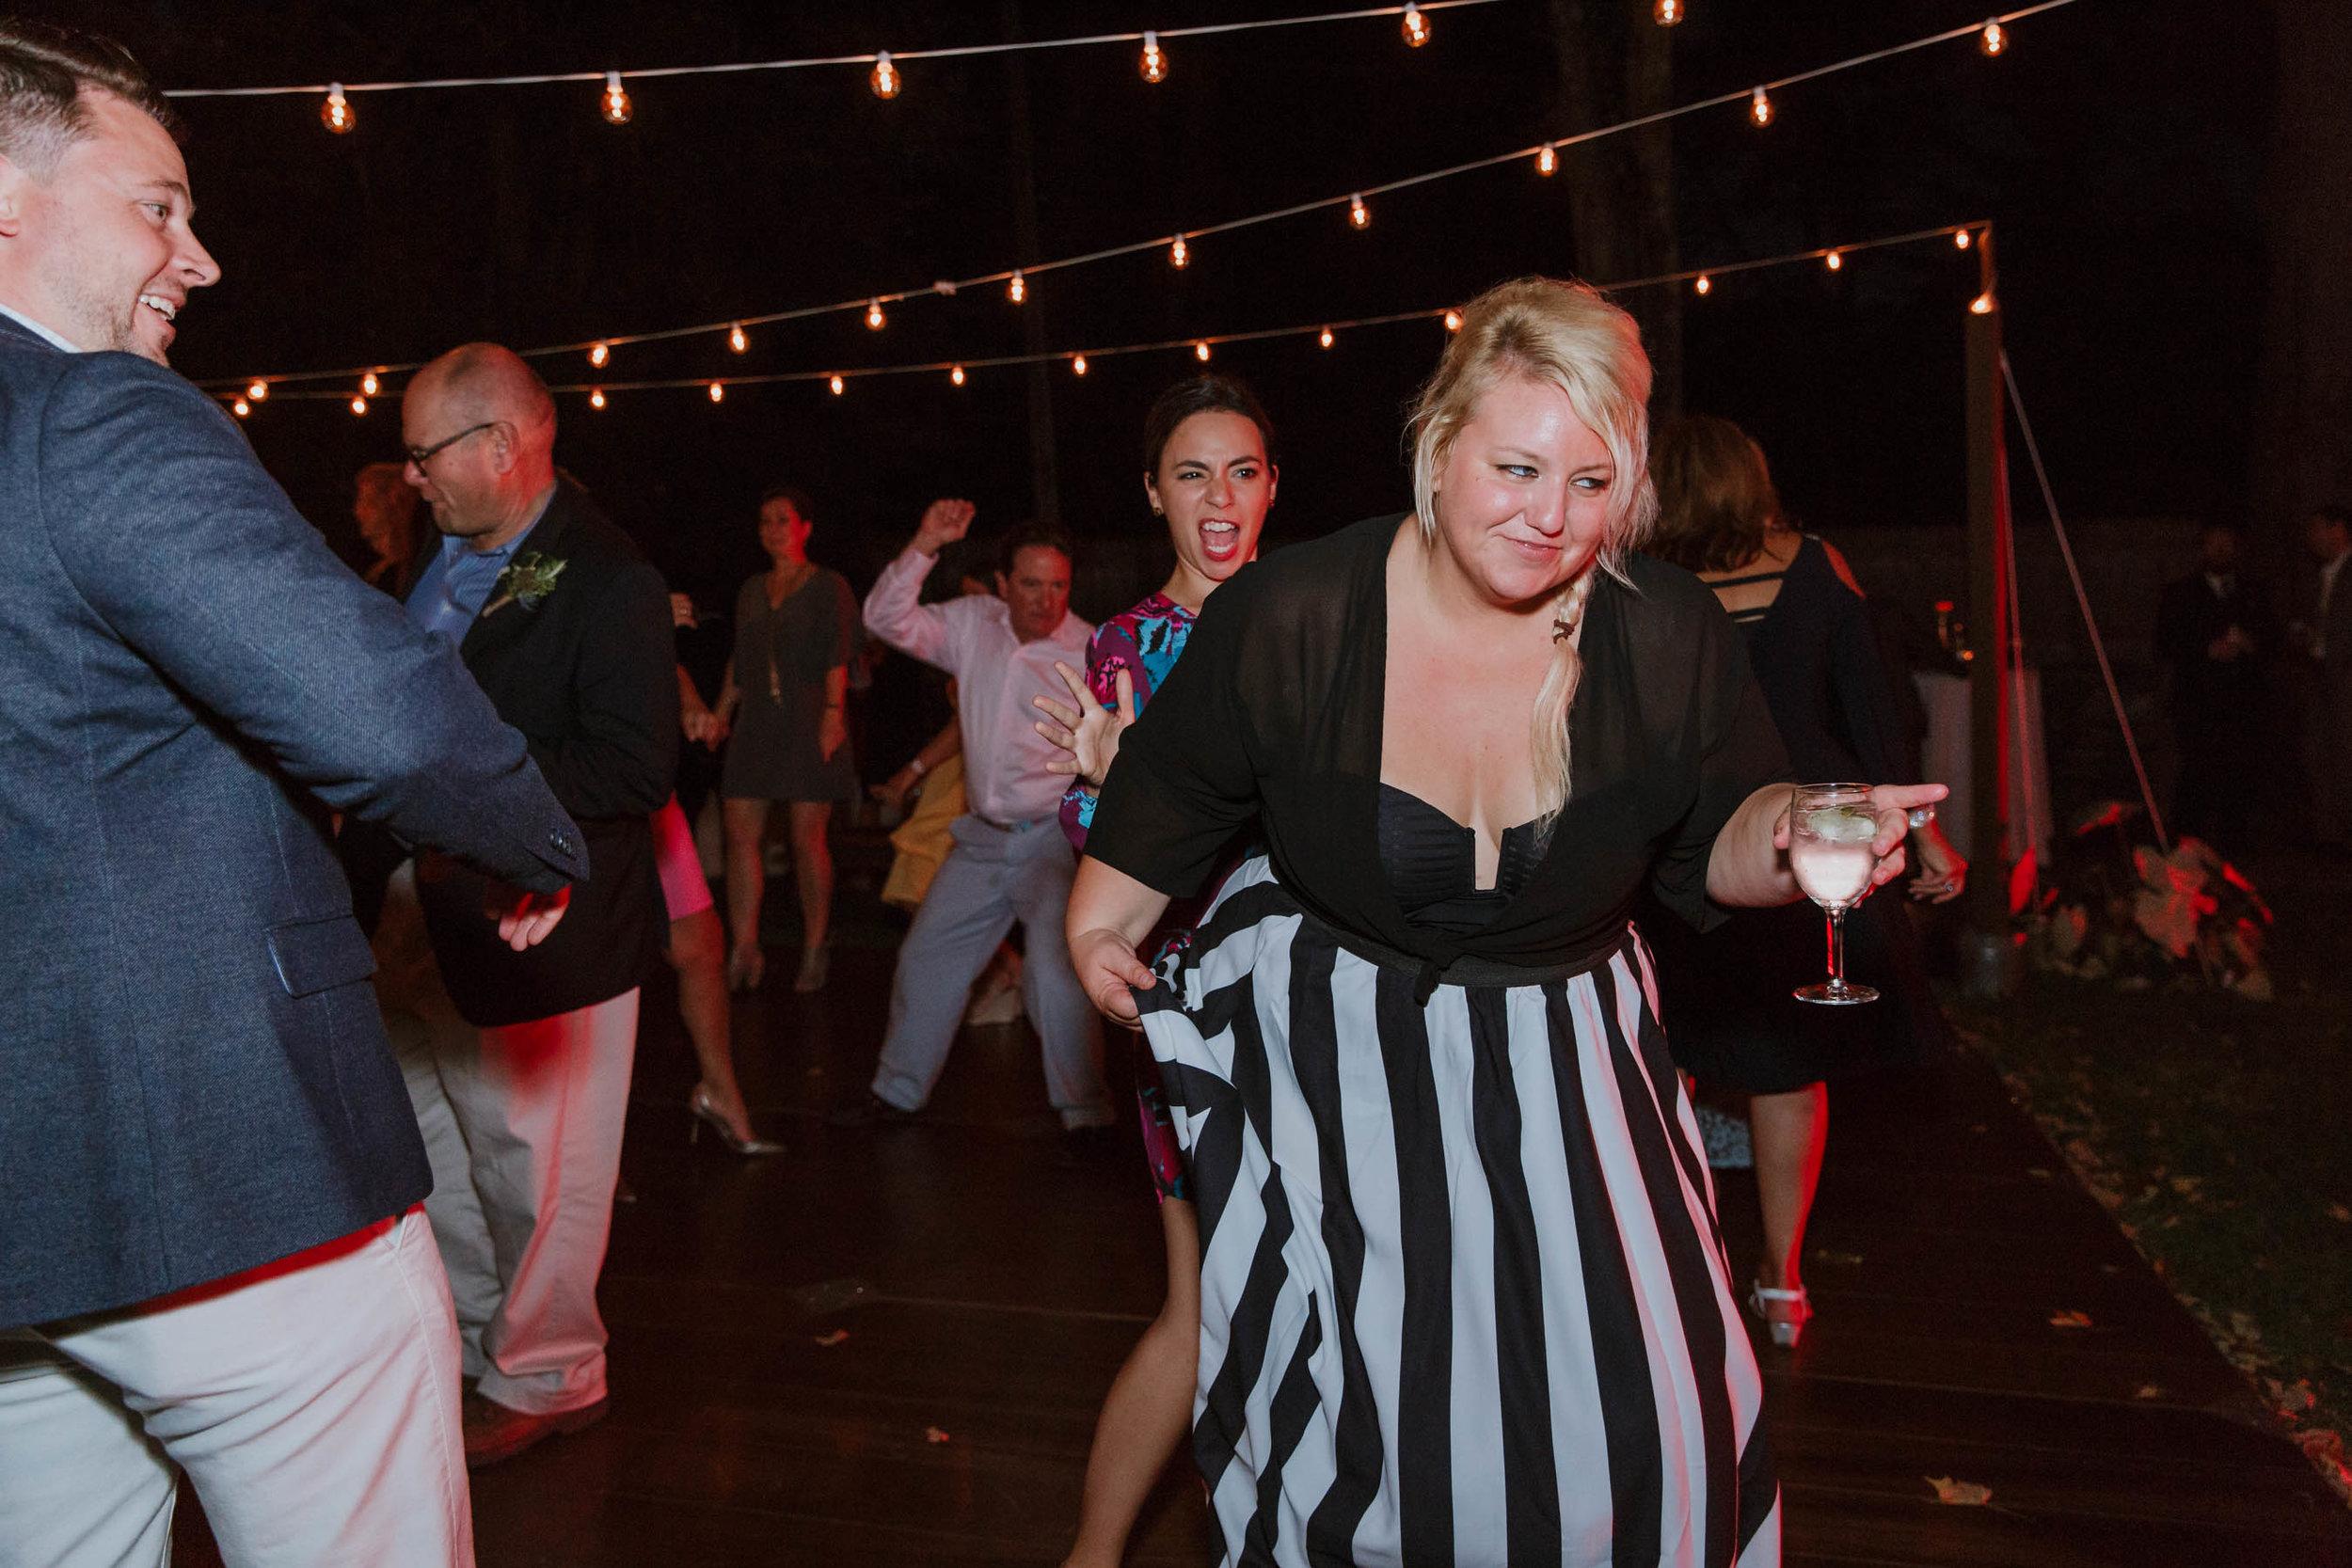 fairfield-county-connecticut-backyard-wedding-photographer--85.jpg